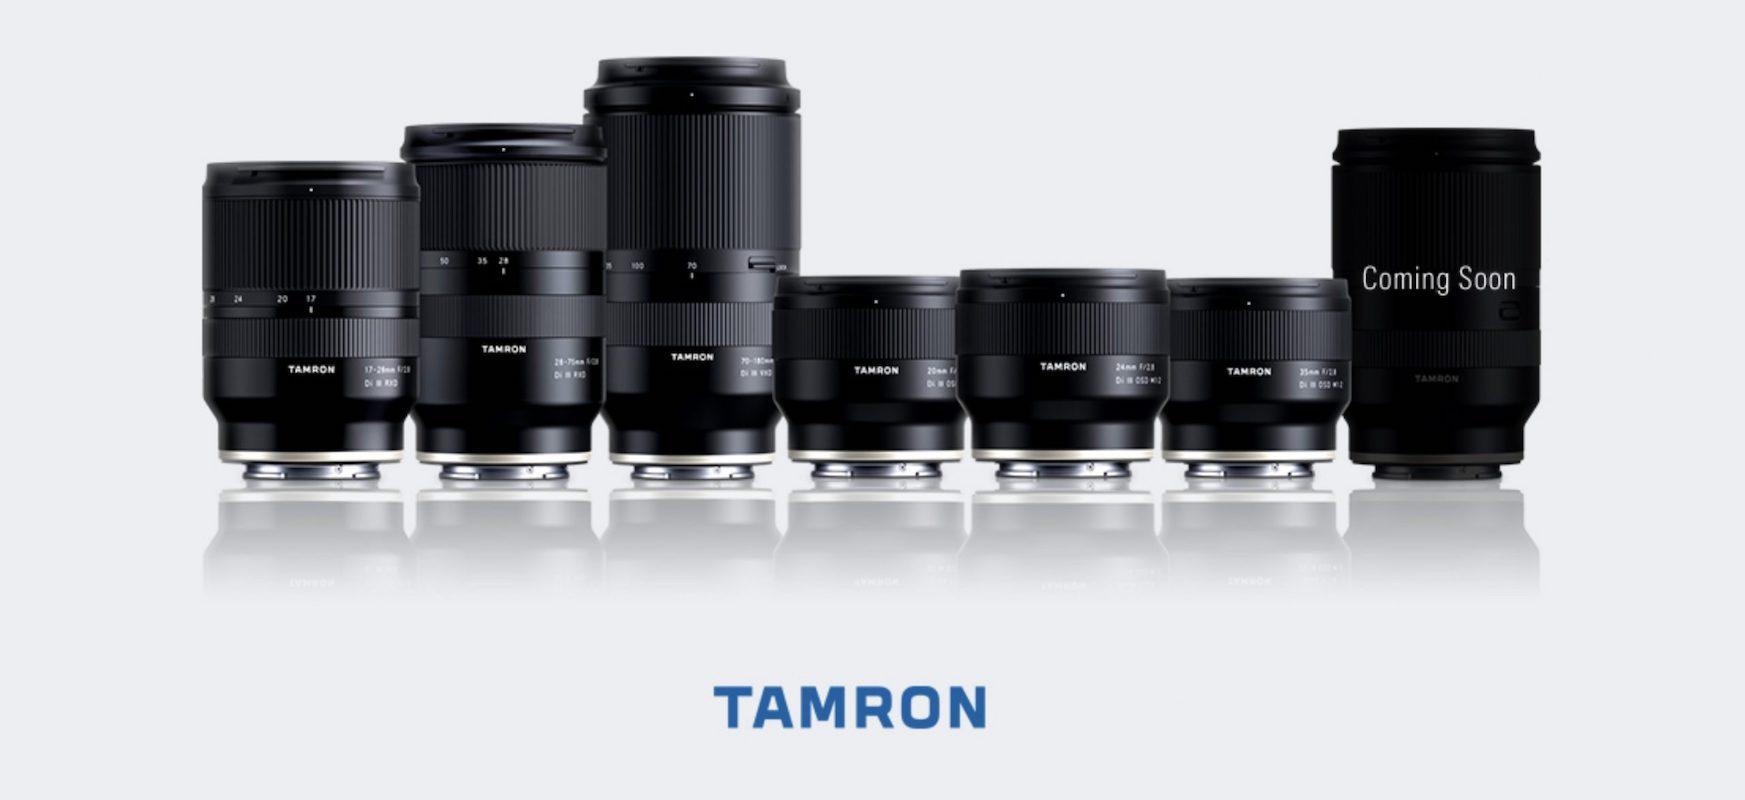 Tamron lentea berri bat ari da iristen Sony FErentzat.  Oporretako ihesaldietarako ezin hobea